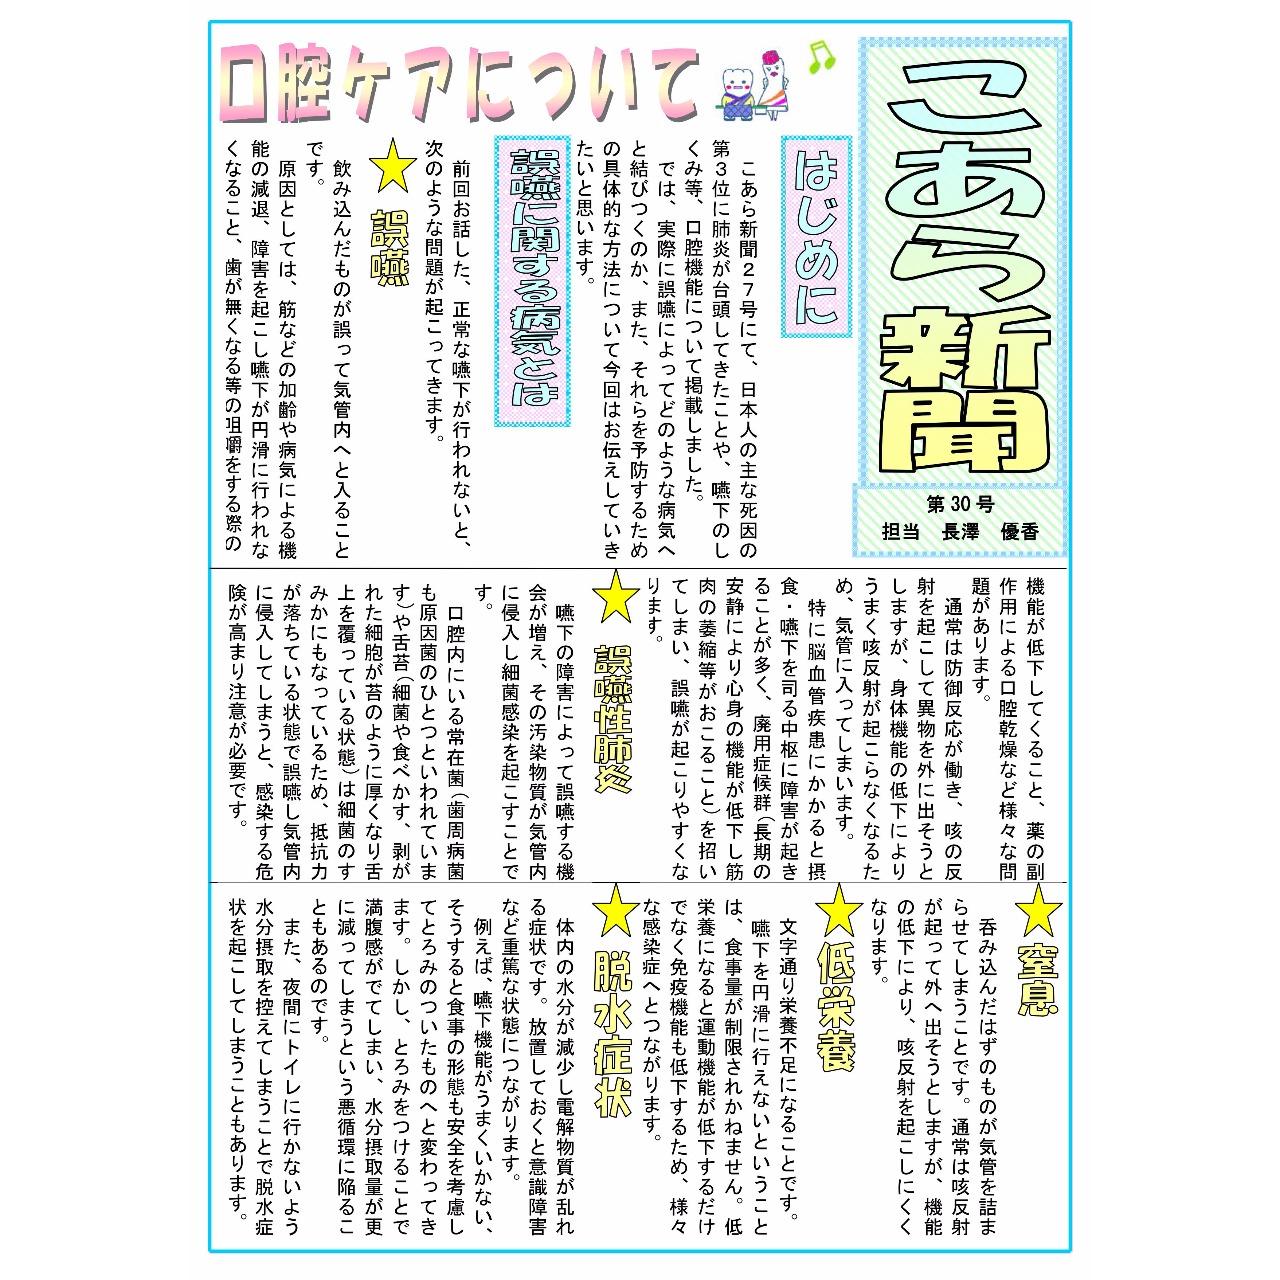 こあら新聞 第30号 担当 長澤